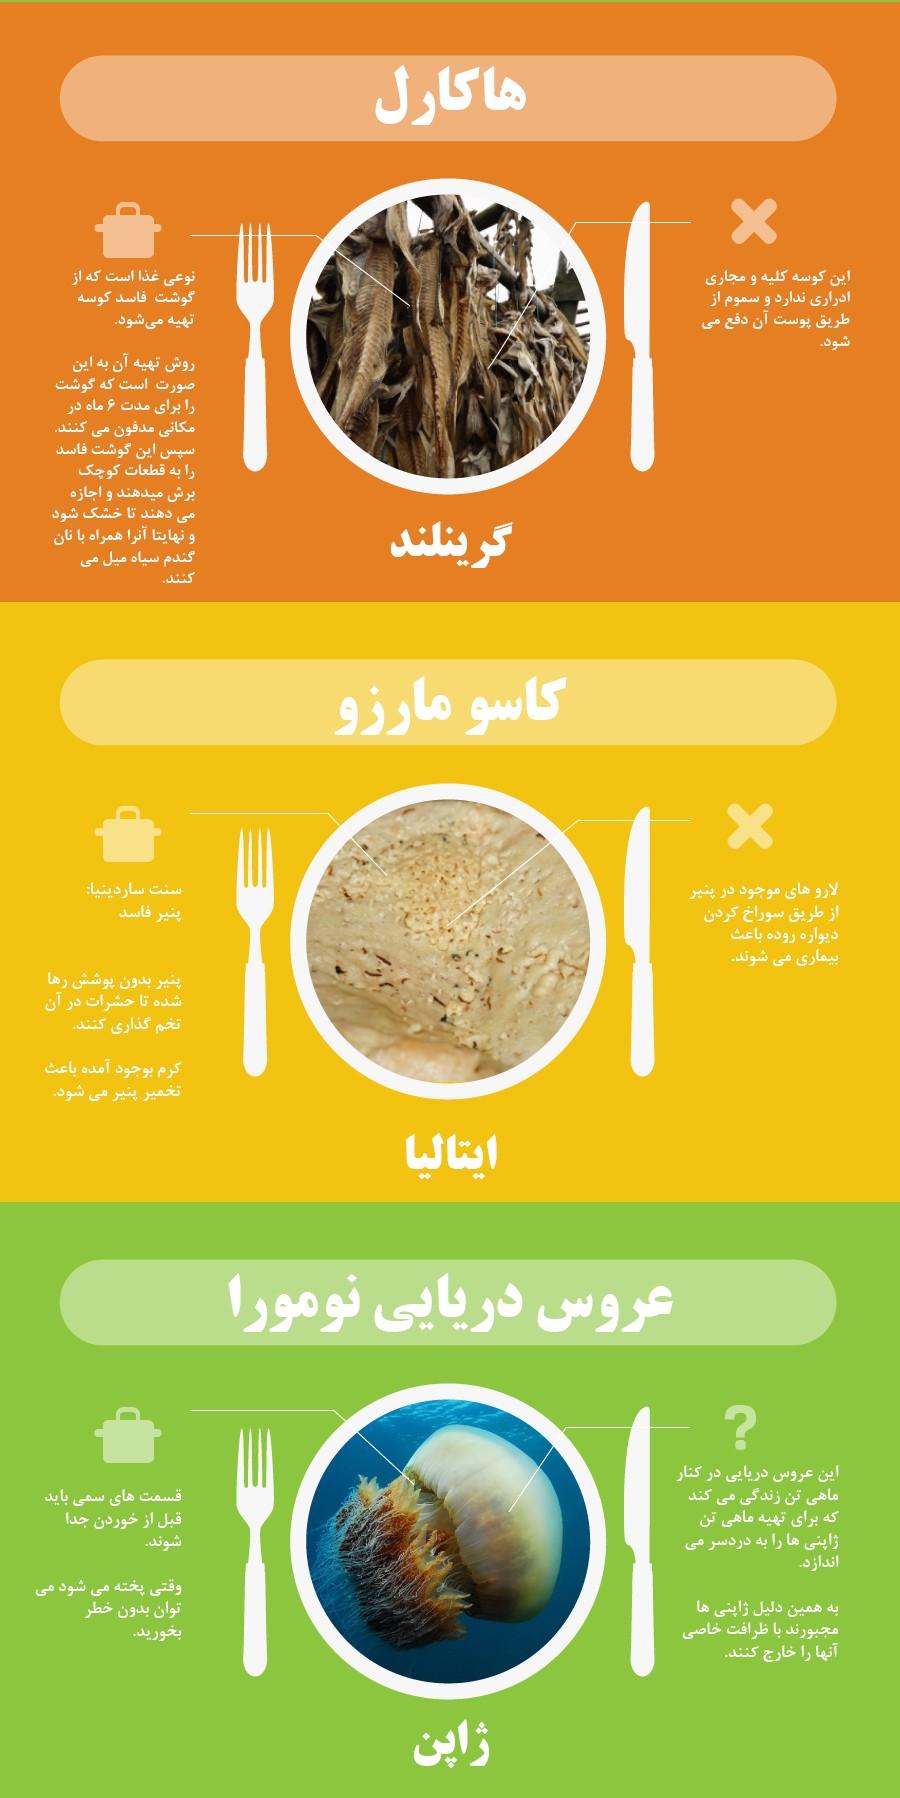 غذای خطرناک در دنیا